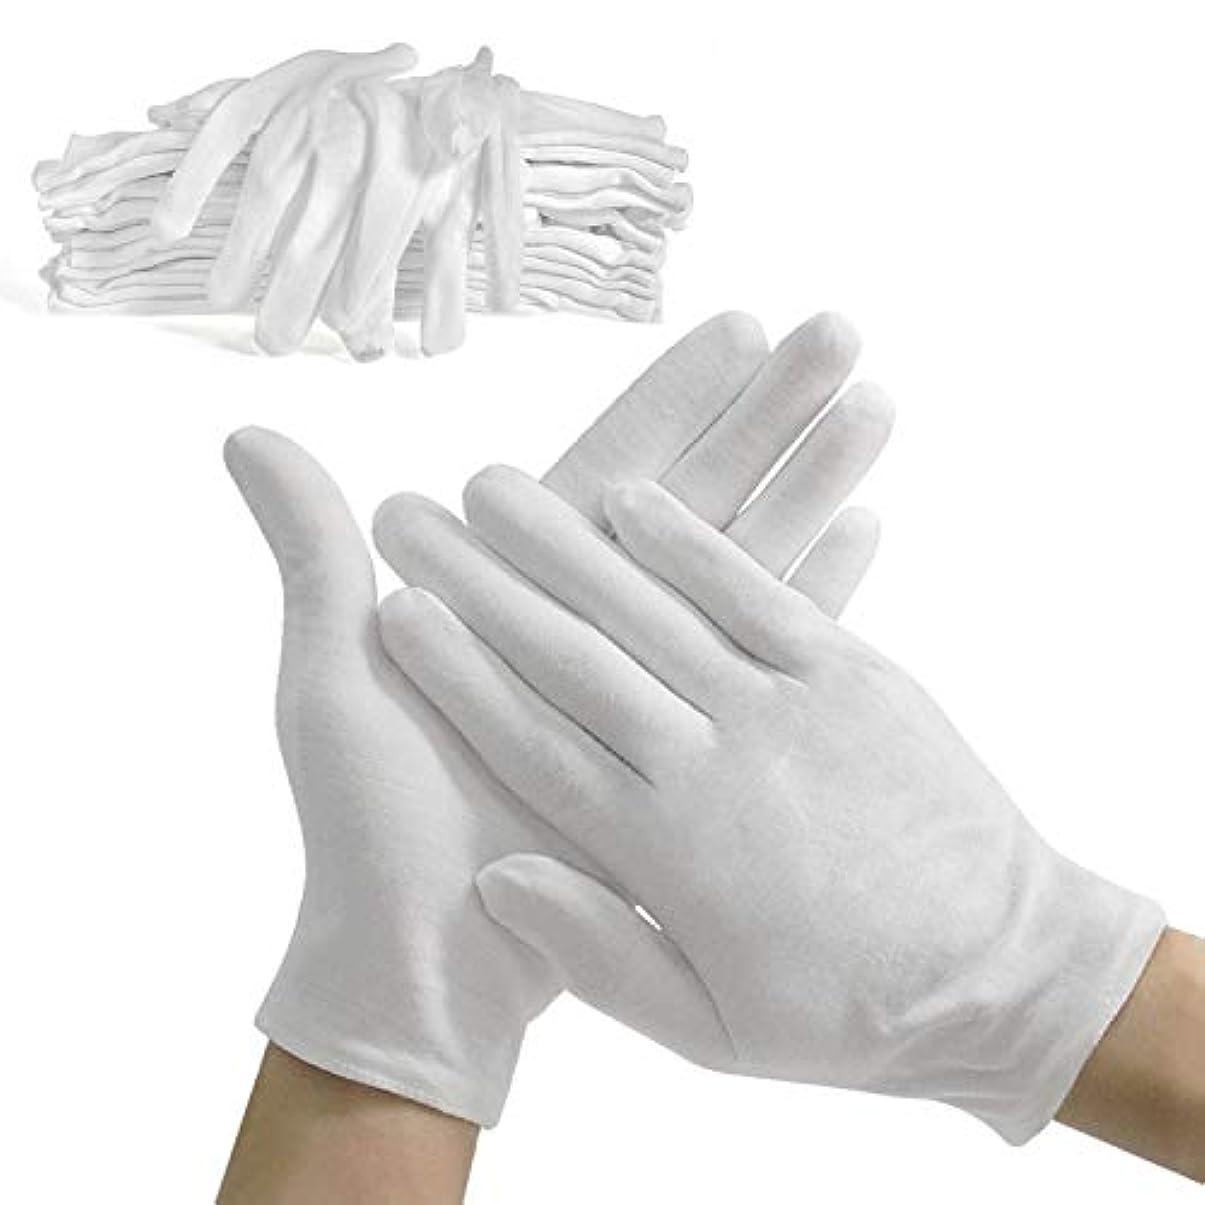 メニューアグネスグレイ喜んで使い捨て 手袋 コットン手袋 綿手袋 手荒れ 純綿100% 使い捨て 白手袋 薄手 お休み 湿疹 乾燥肌 保湿 礼装用 メンズ 手袋 レディース (XL,梱包数量100組(200)) (XL,梱包数量100組(200))